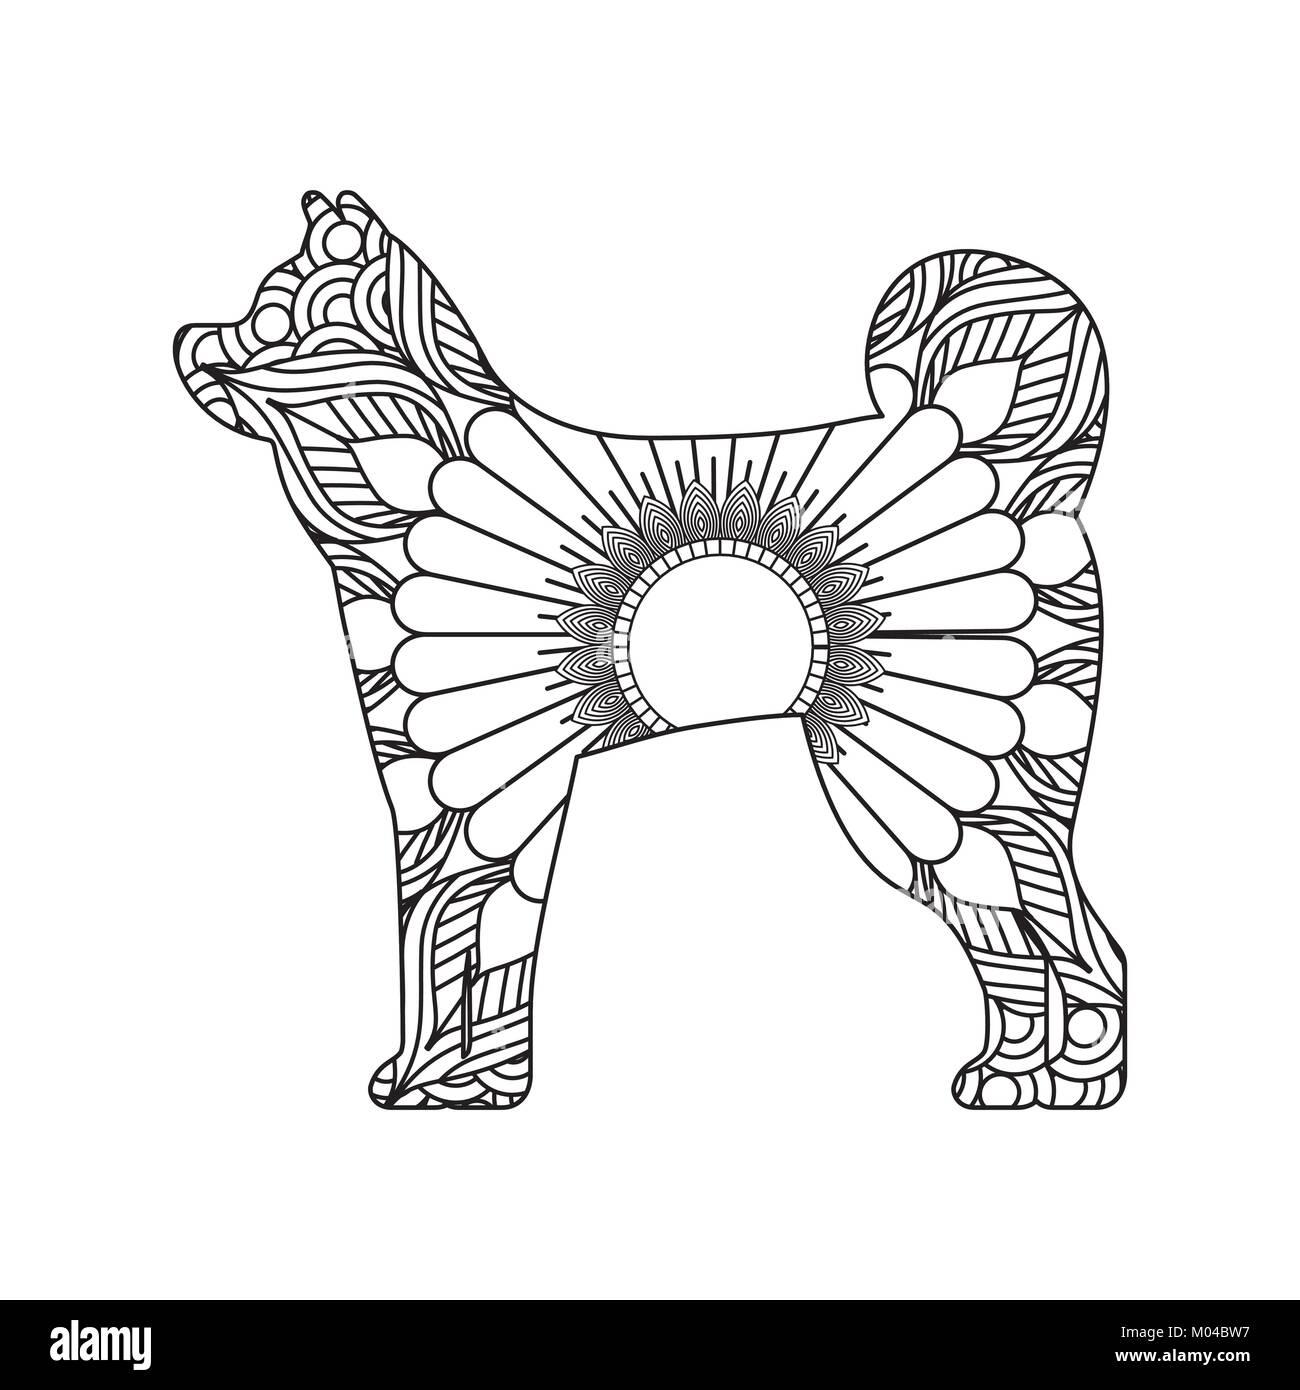 Zentangle Dibujo Para Perro Adulto Página Para Colorear